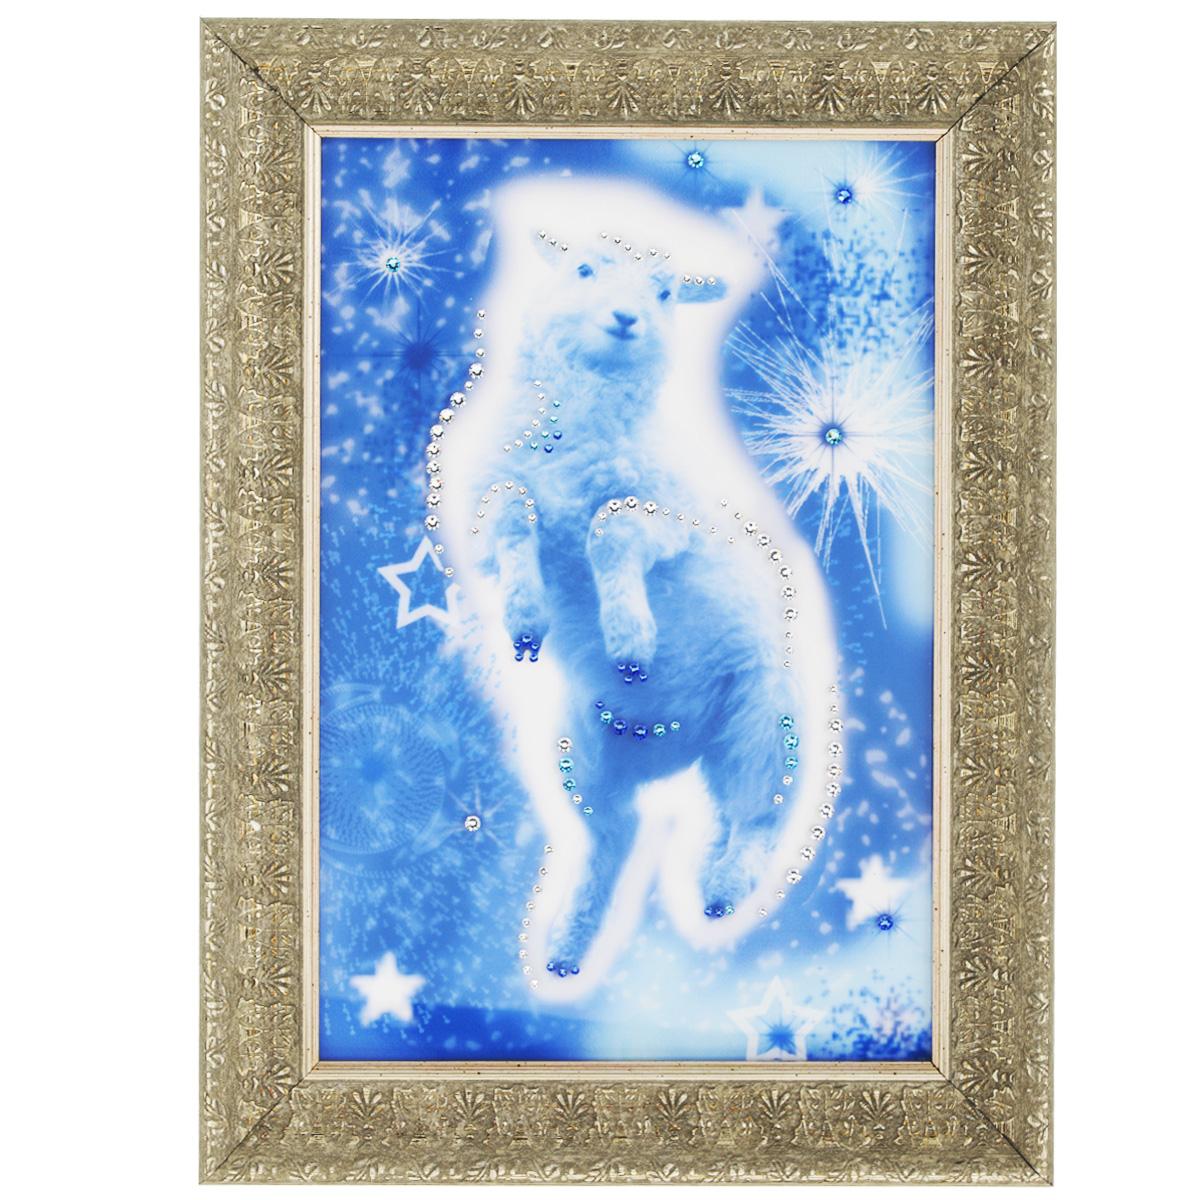 Картина с кристаллами Swarovski Звездная овечка, 29 х 39 см1592Изящная картина в багетной раме, инкрустирована кристаллами Swarovski, которые отличаются четкой и ровной огранкой, ярким блеском и чистотой цвета. Красочное изображение овечки, расположенное под стеклом, прекрасно дополняет блеск кристаллов. С обратной стороны имеется металлическая петелька для размещения картины на стене. Картина с кристаллами Swarovski Звездная овечка элегантно украсит интерьер дома или офиса, а также станет прекрасным подарком, который обязательно понравится получателю. Блеск кристаллов в интерьере, что может быть сказочнее и удивительнее. Картина упакована в подарочную картонную коробку синего цвета и комплектуется сертификатом соответствия Swarovski. Количество кристаллов: 116 шт. Размер картины: 29 см х 39 см.